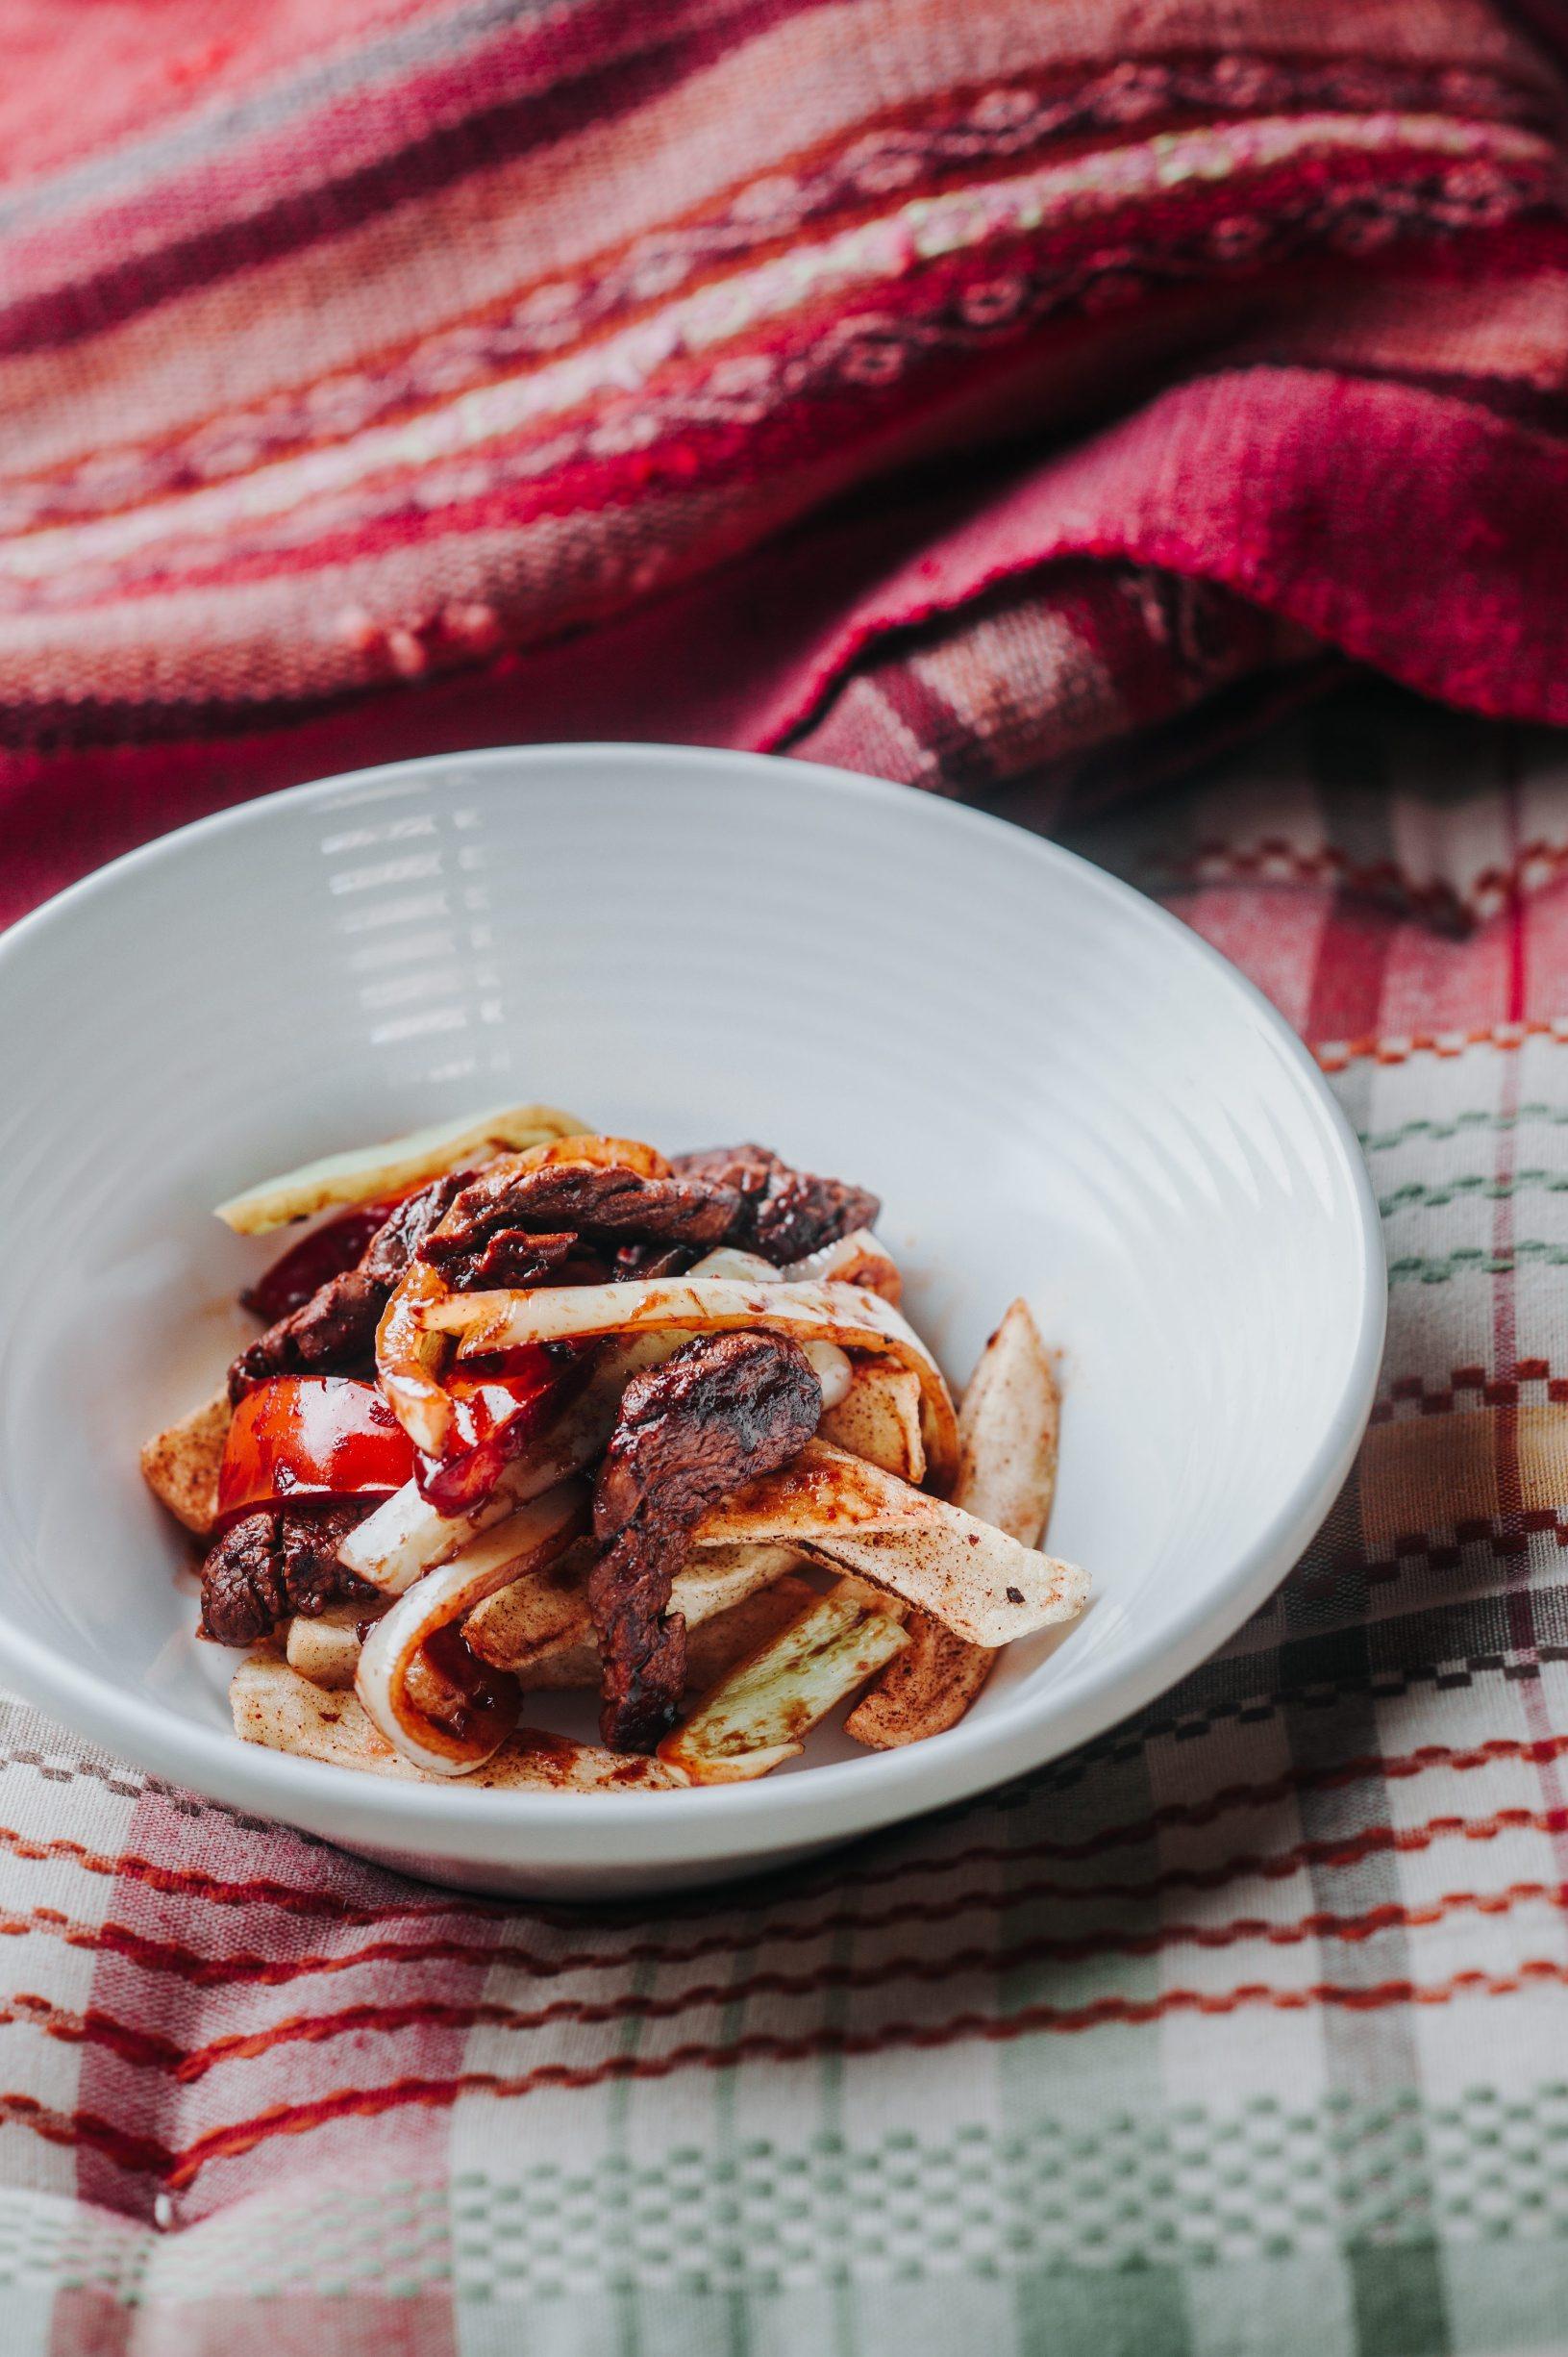 Zagreb , 030719. Sasa i Anamarija Frid pripremili su za magazin Dobra hrana peruanska  jela.  Foto: Marko Miscevic / Cropix